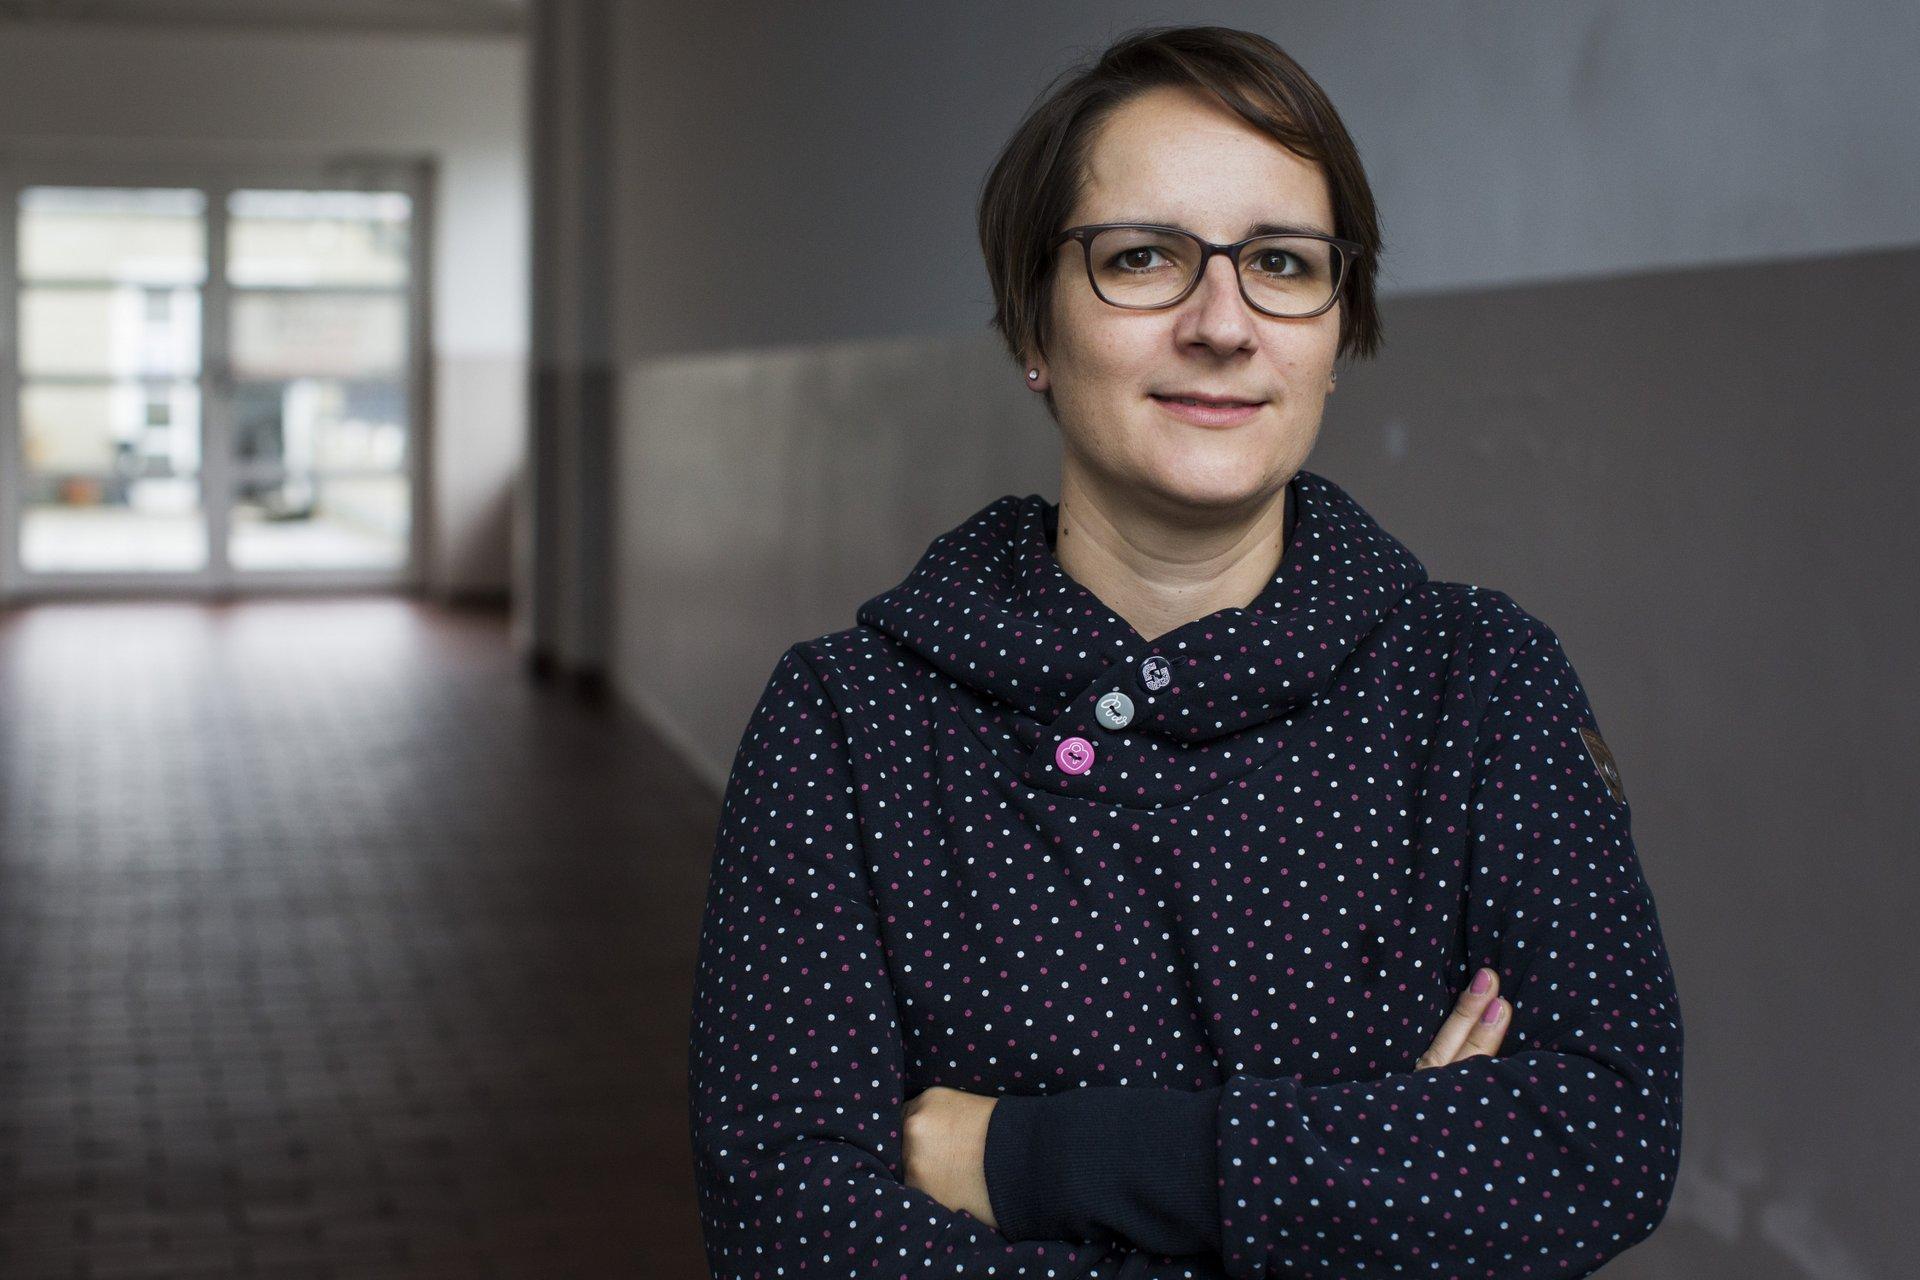 Martina Dorn eitelsonnenschein Filmproduktion Köln